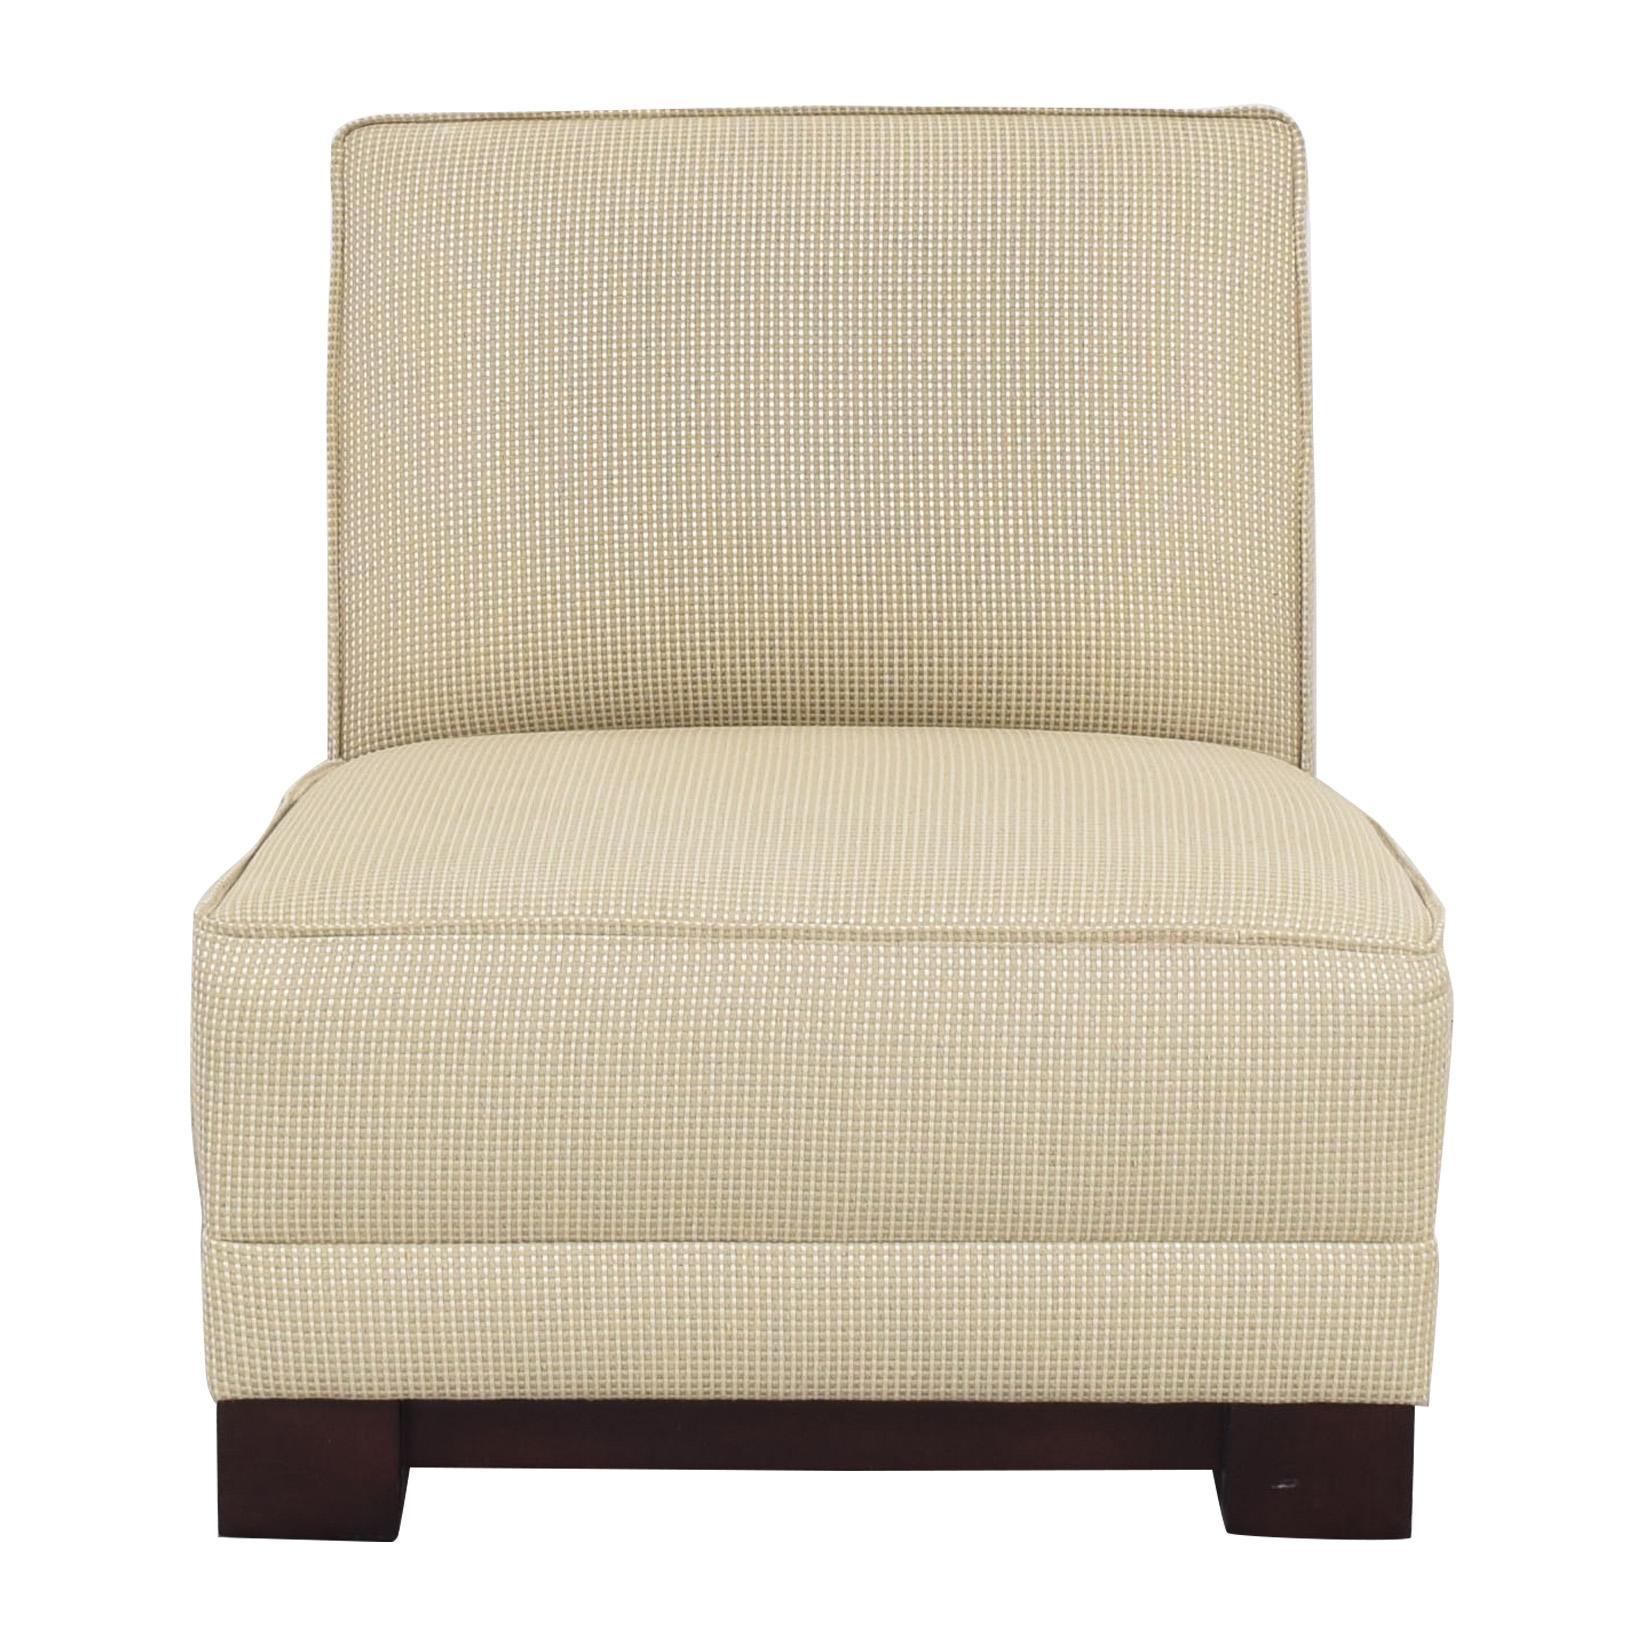 shop Ralph Lauren Home Hasley Slipper Chair Ralph Lauren Home Accent Chairs